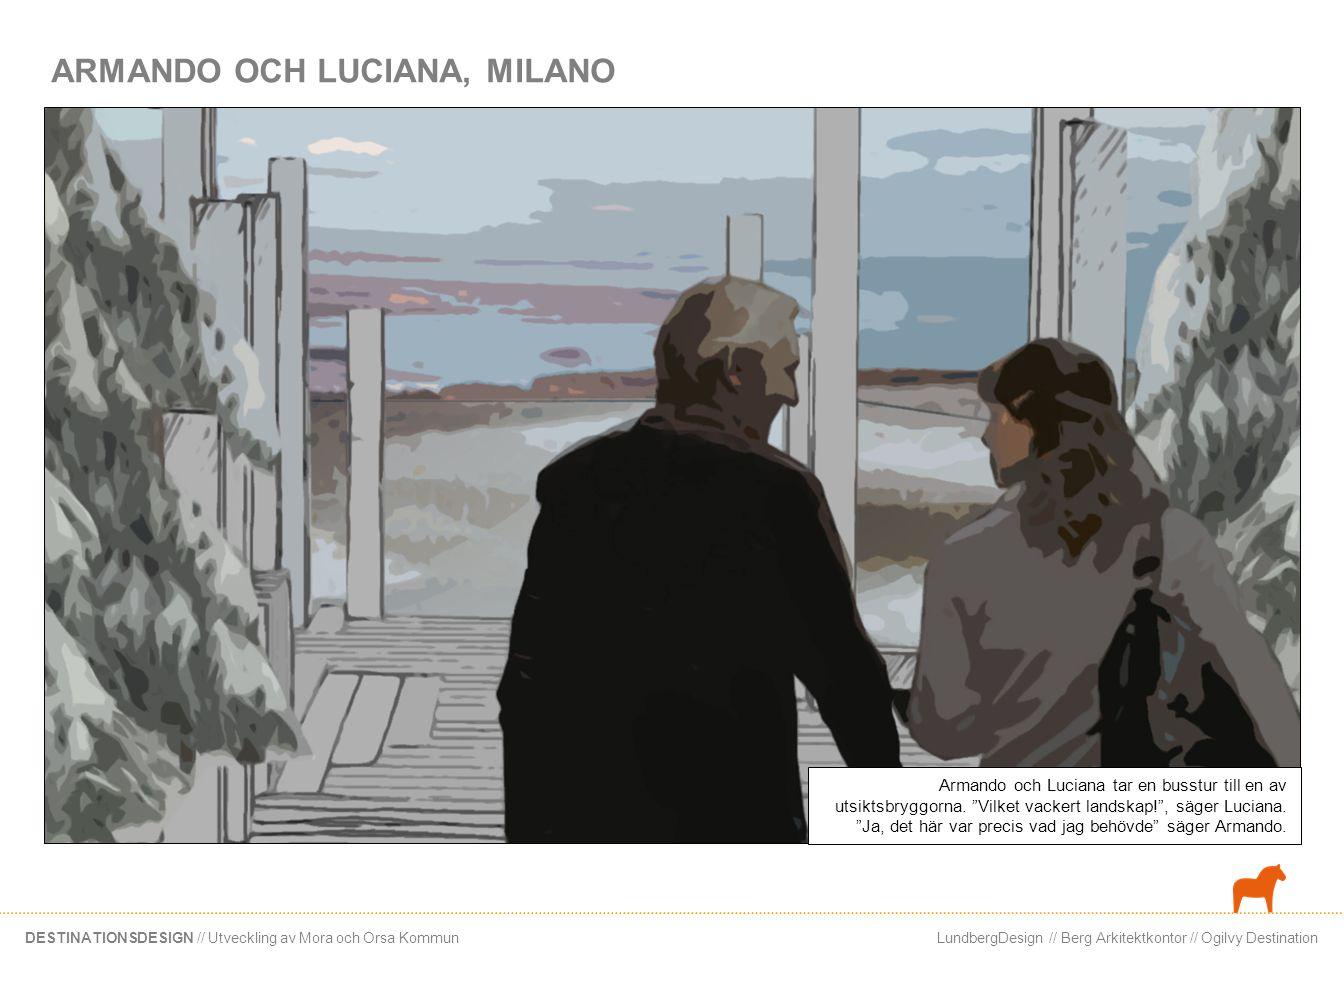 LundbergDesign // Berg Arkitektkontor // Ogilvy DestinationDESTINATIONSDESIGN // Utveckling av Mora och Orsa Kommun Paret flanerar i centrum… Ska vi shoppa lite? , säger Armando.